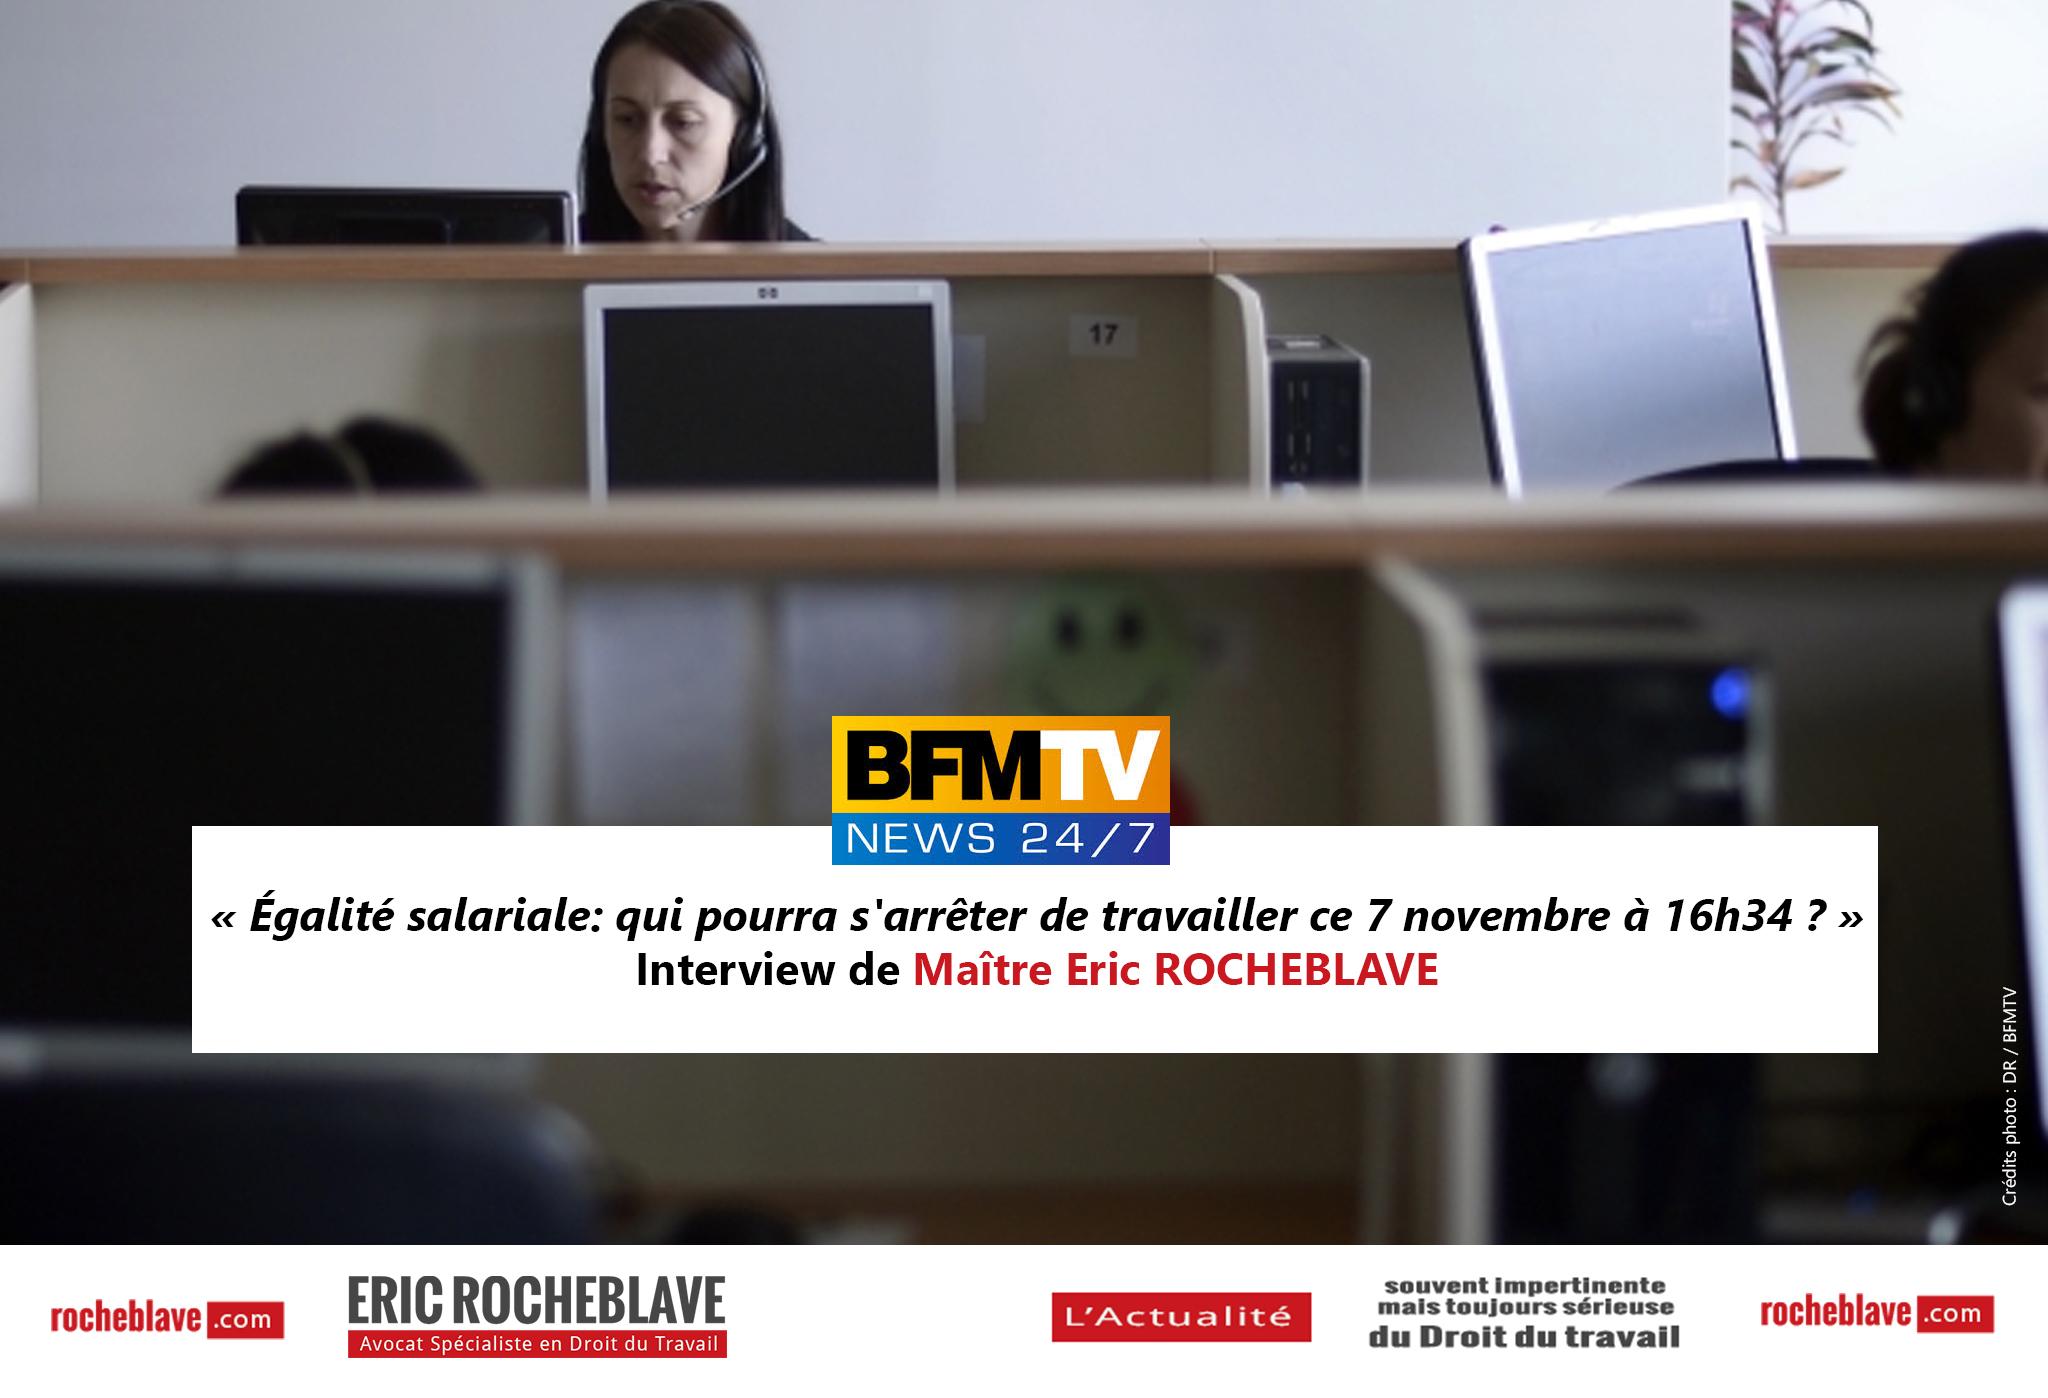 « Égalité salariale: qui pourra s'arrêter de travailler ce 7 novembre à 16h34 ? » Interview de Maître Eric ROCHEBLAVE | BFMTV